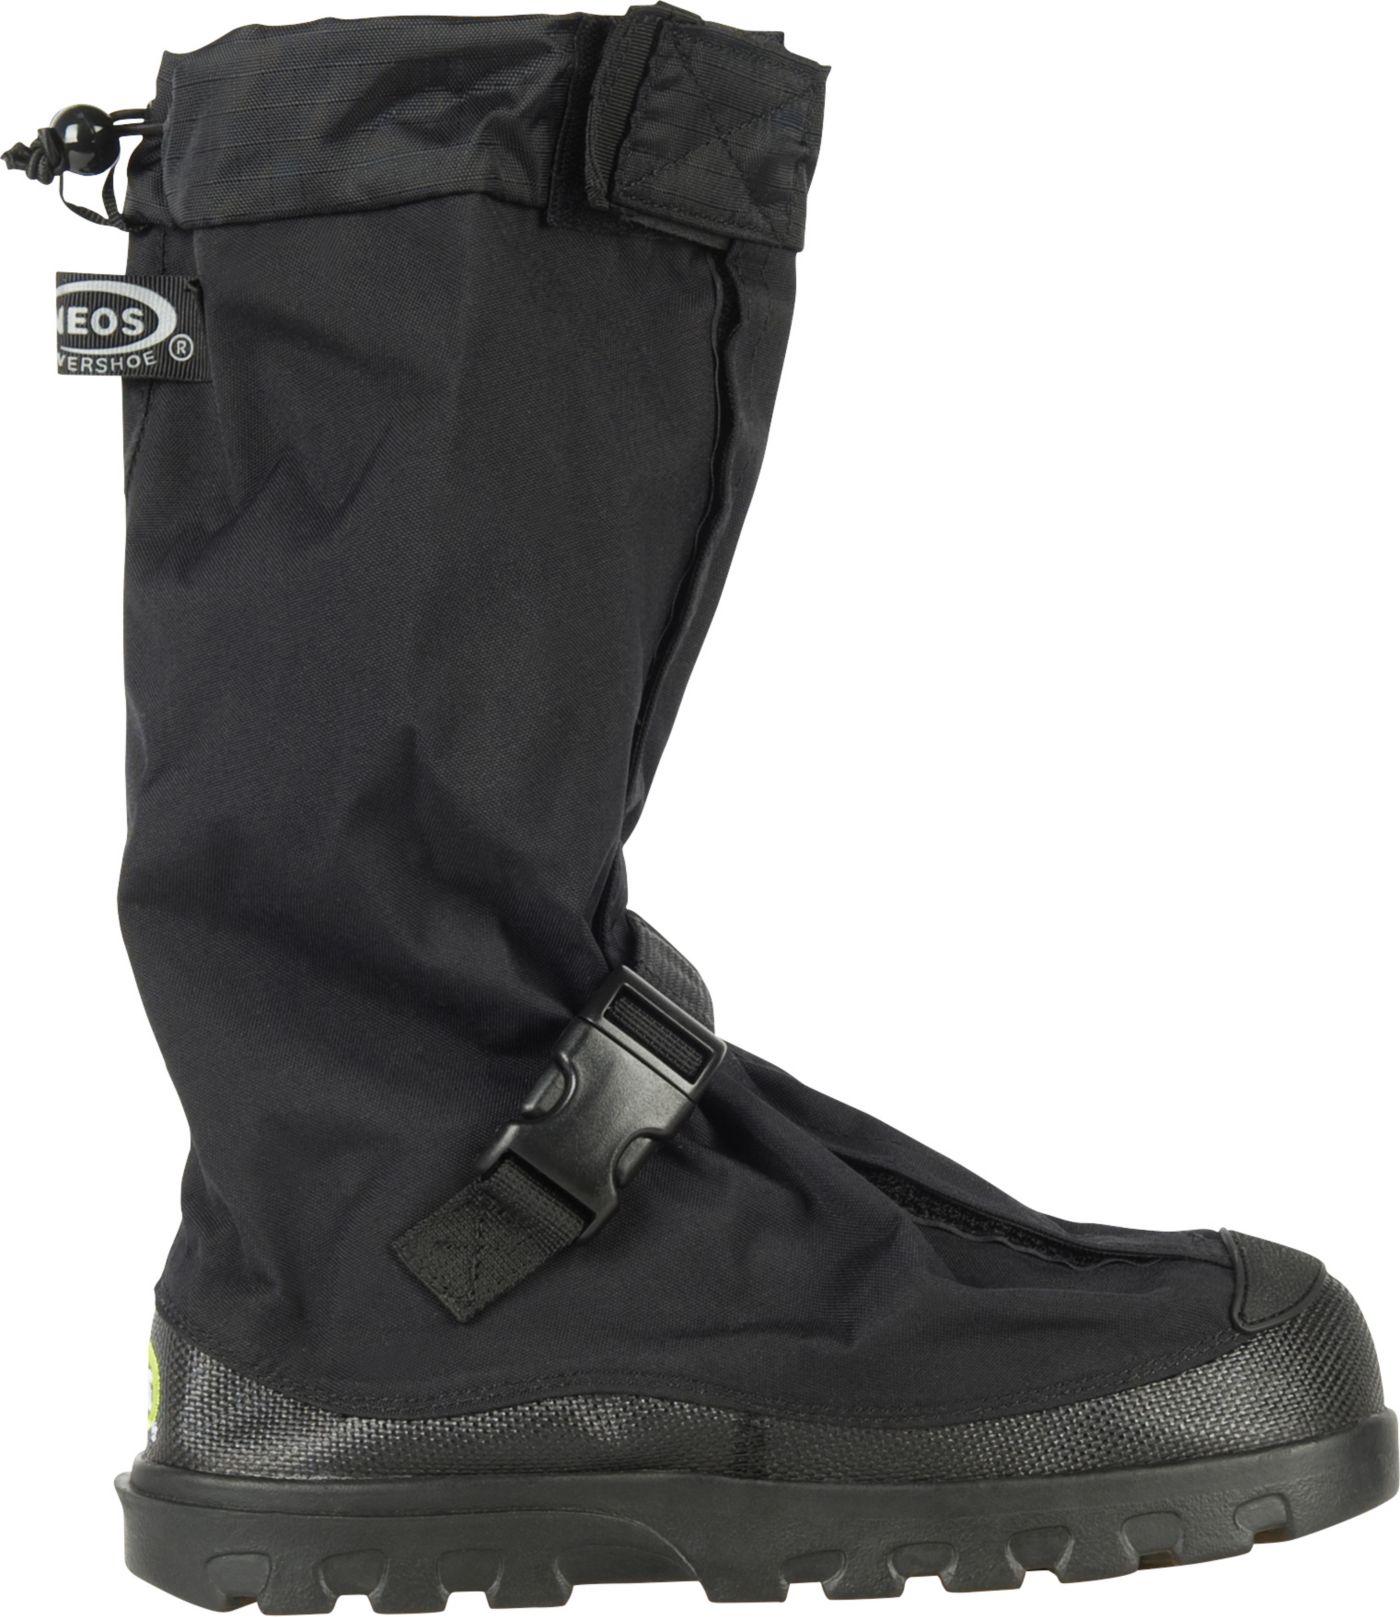 NEOS Adult Adventurer Waterproof Overshoes